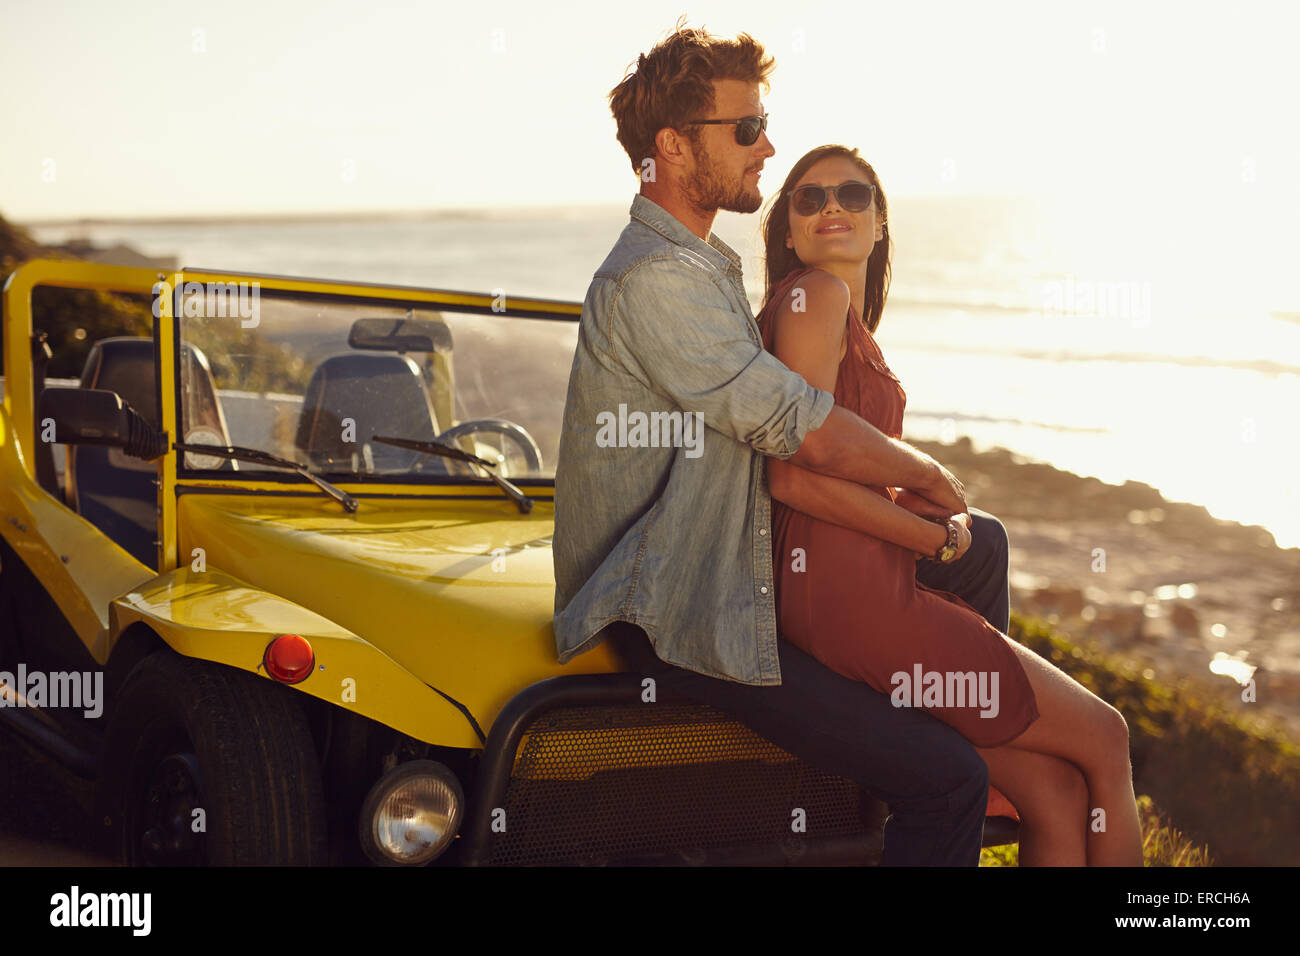 Retrato de la romántica pareja joven sentado sobre el capó de su coche con el hombre abrazando a la mujer Imagen De Stock